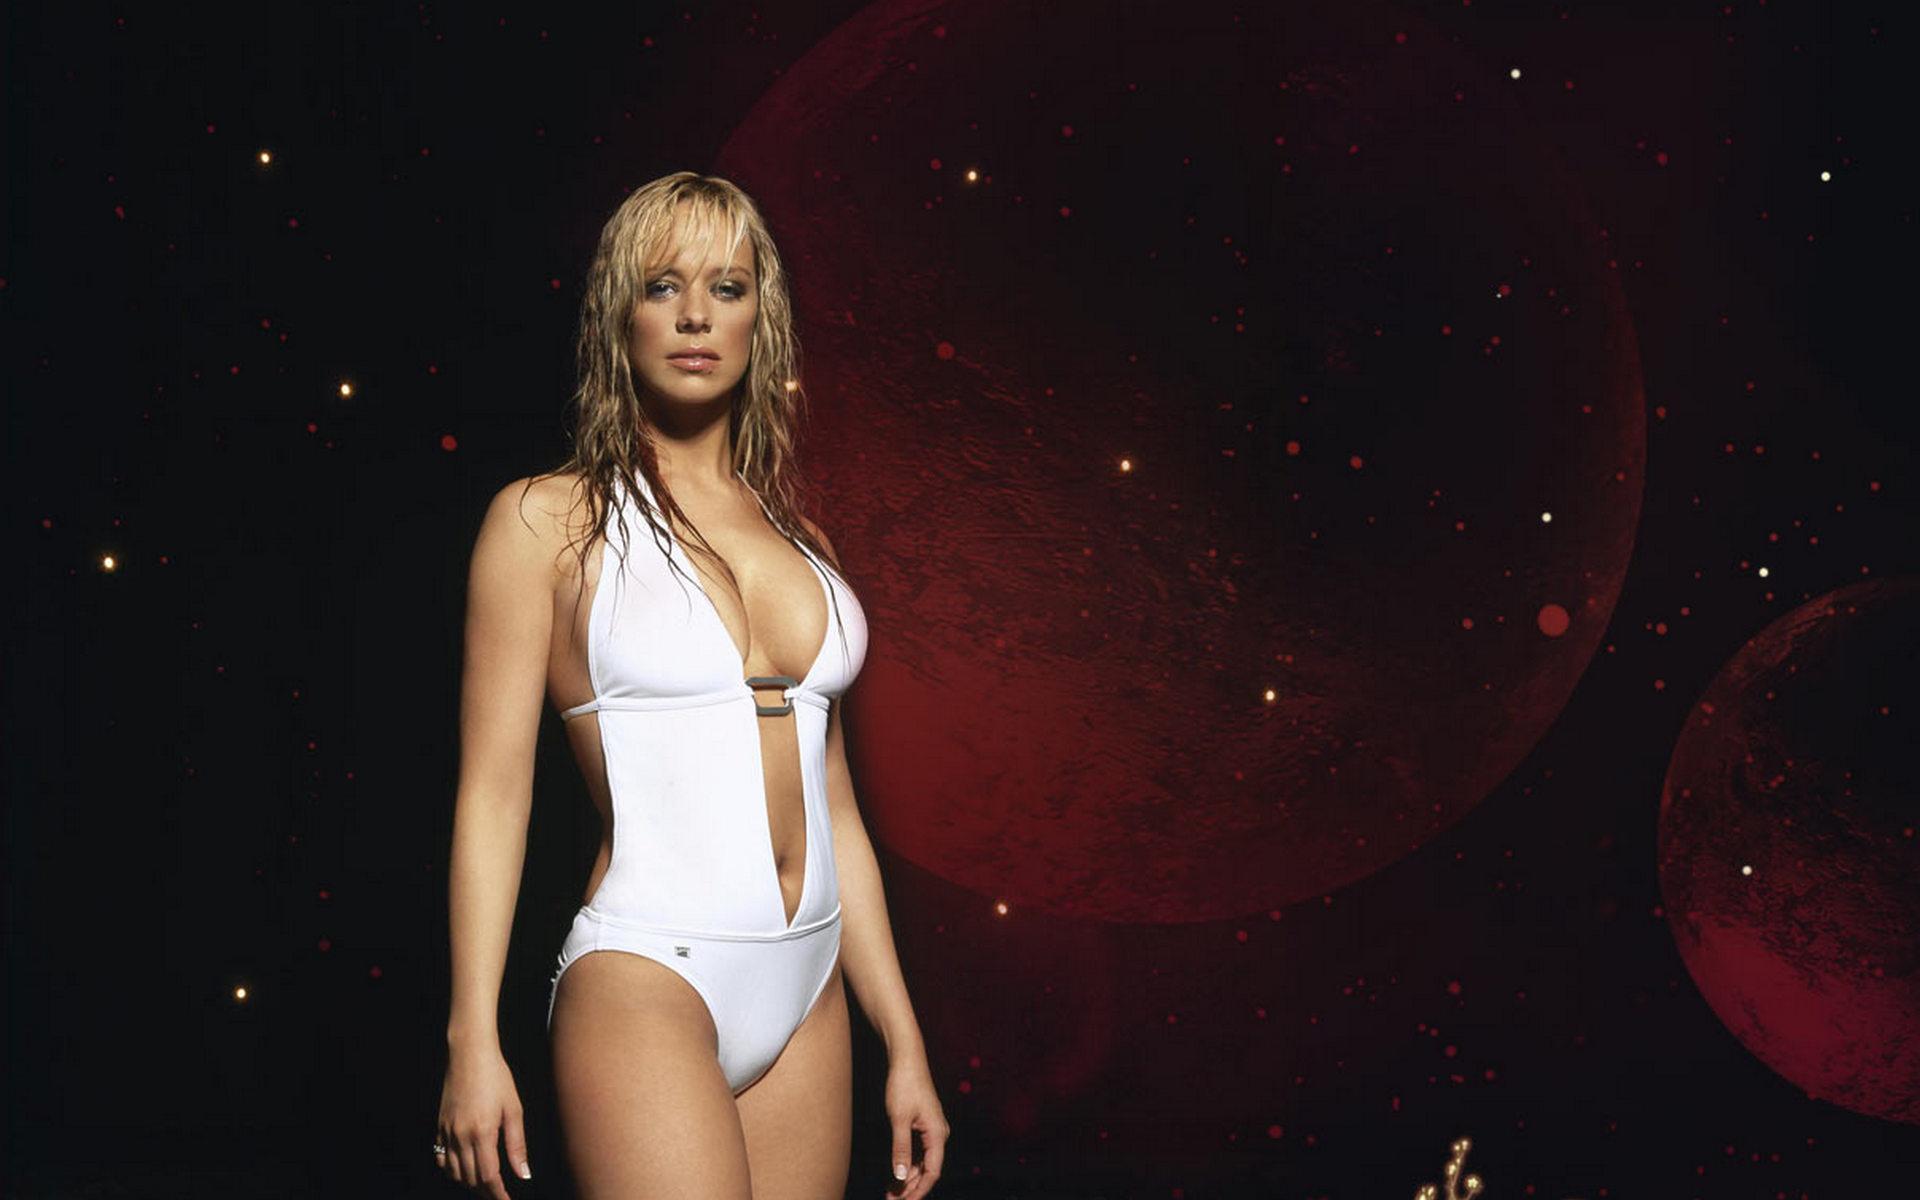 Голая певица слава Секс знакомства тверь , секс порно игры проститутки